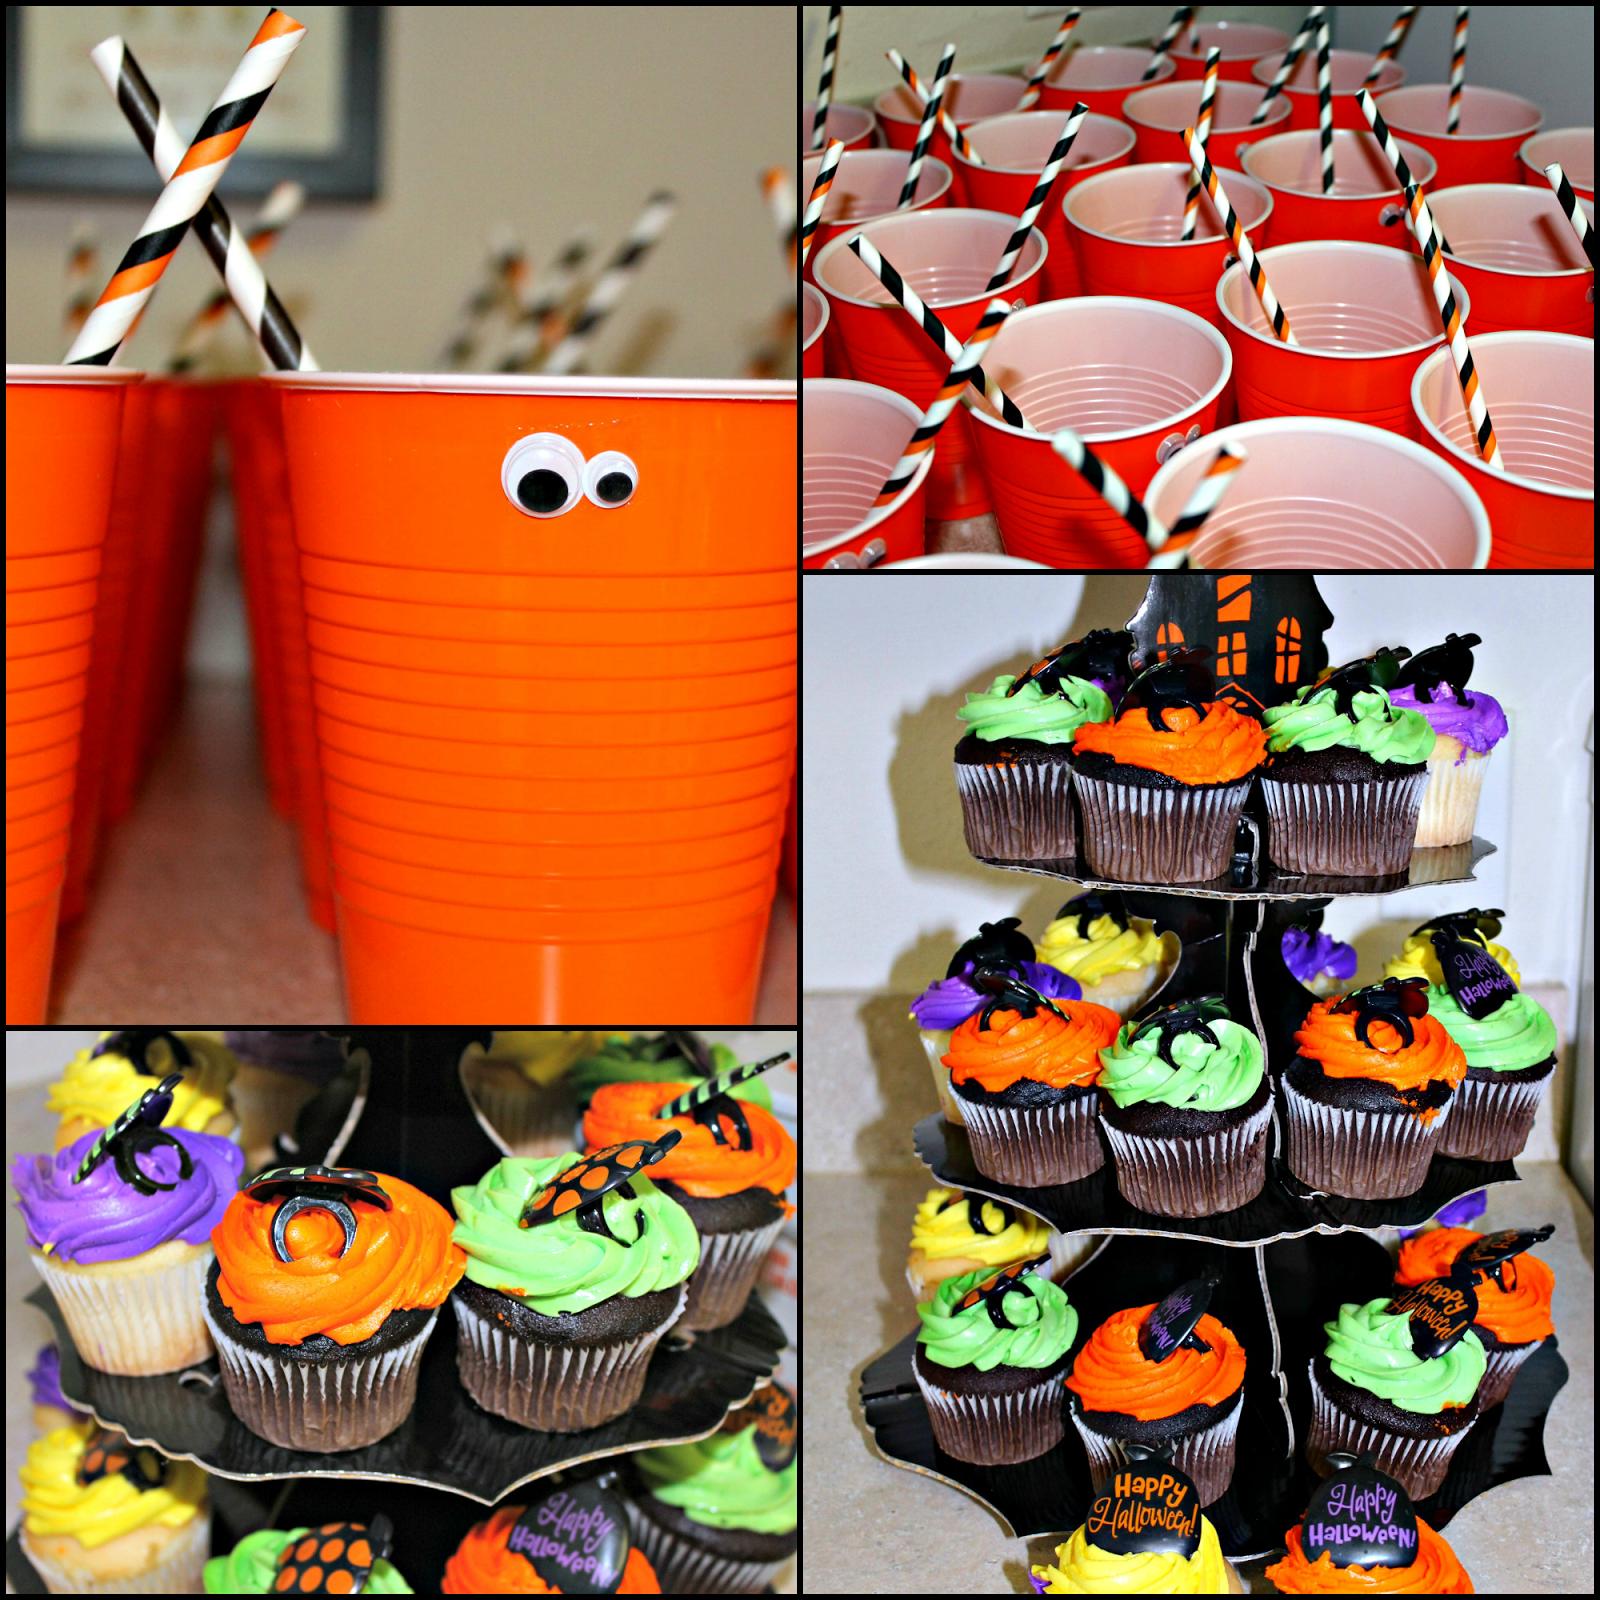 Best 20 Halloween Birthday Parties Ideas On Pinterest Birthday Halloween Party Halloween Birthday Party Decorations Halloween Themed Birthday Party